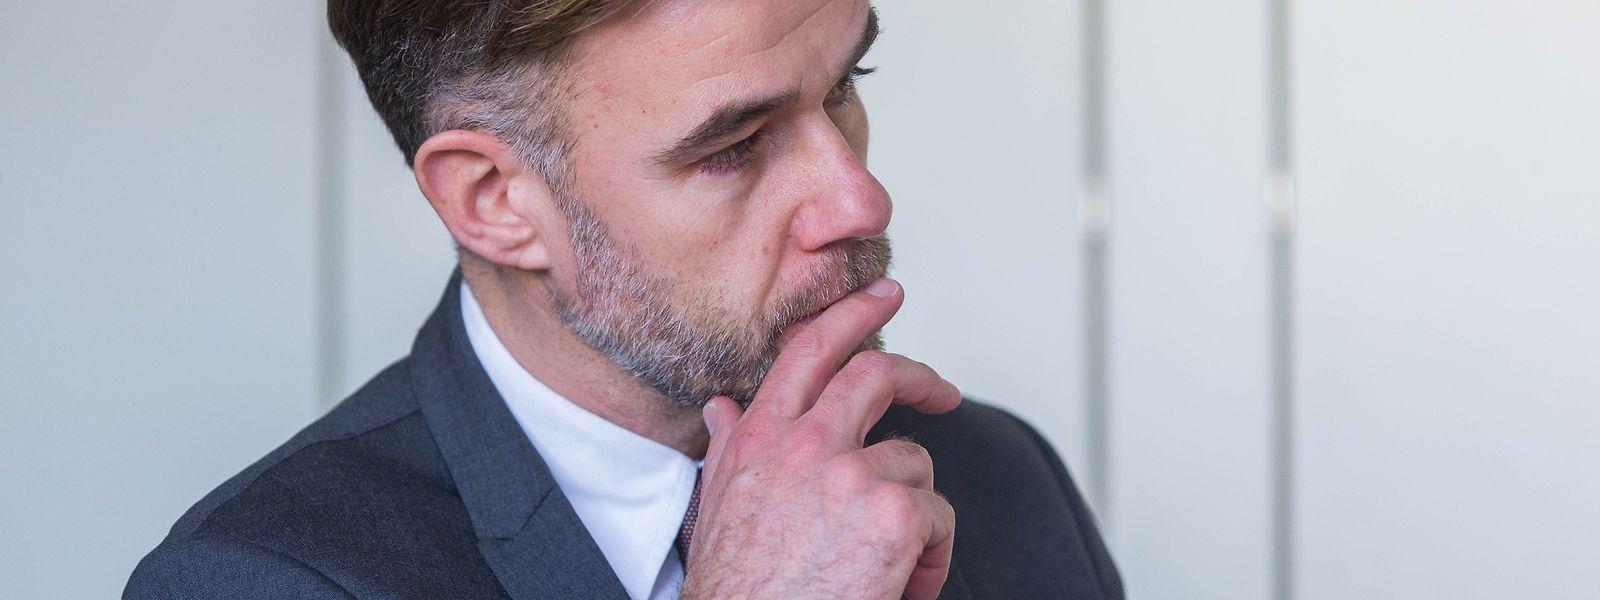 Luxemburgs neuer Wirtschaftsminister: Der Rechtsanwalt und bisherige LSAP-Chef Franz Fayot (47) folgt Etienne Schneider.